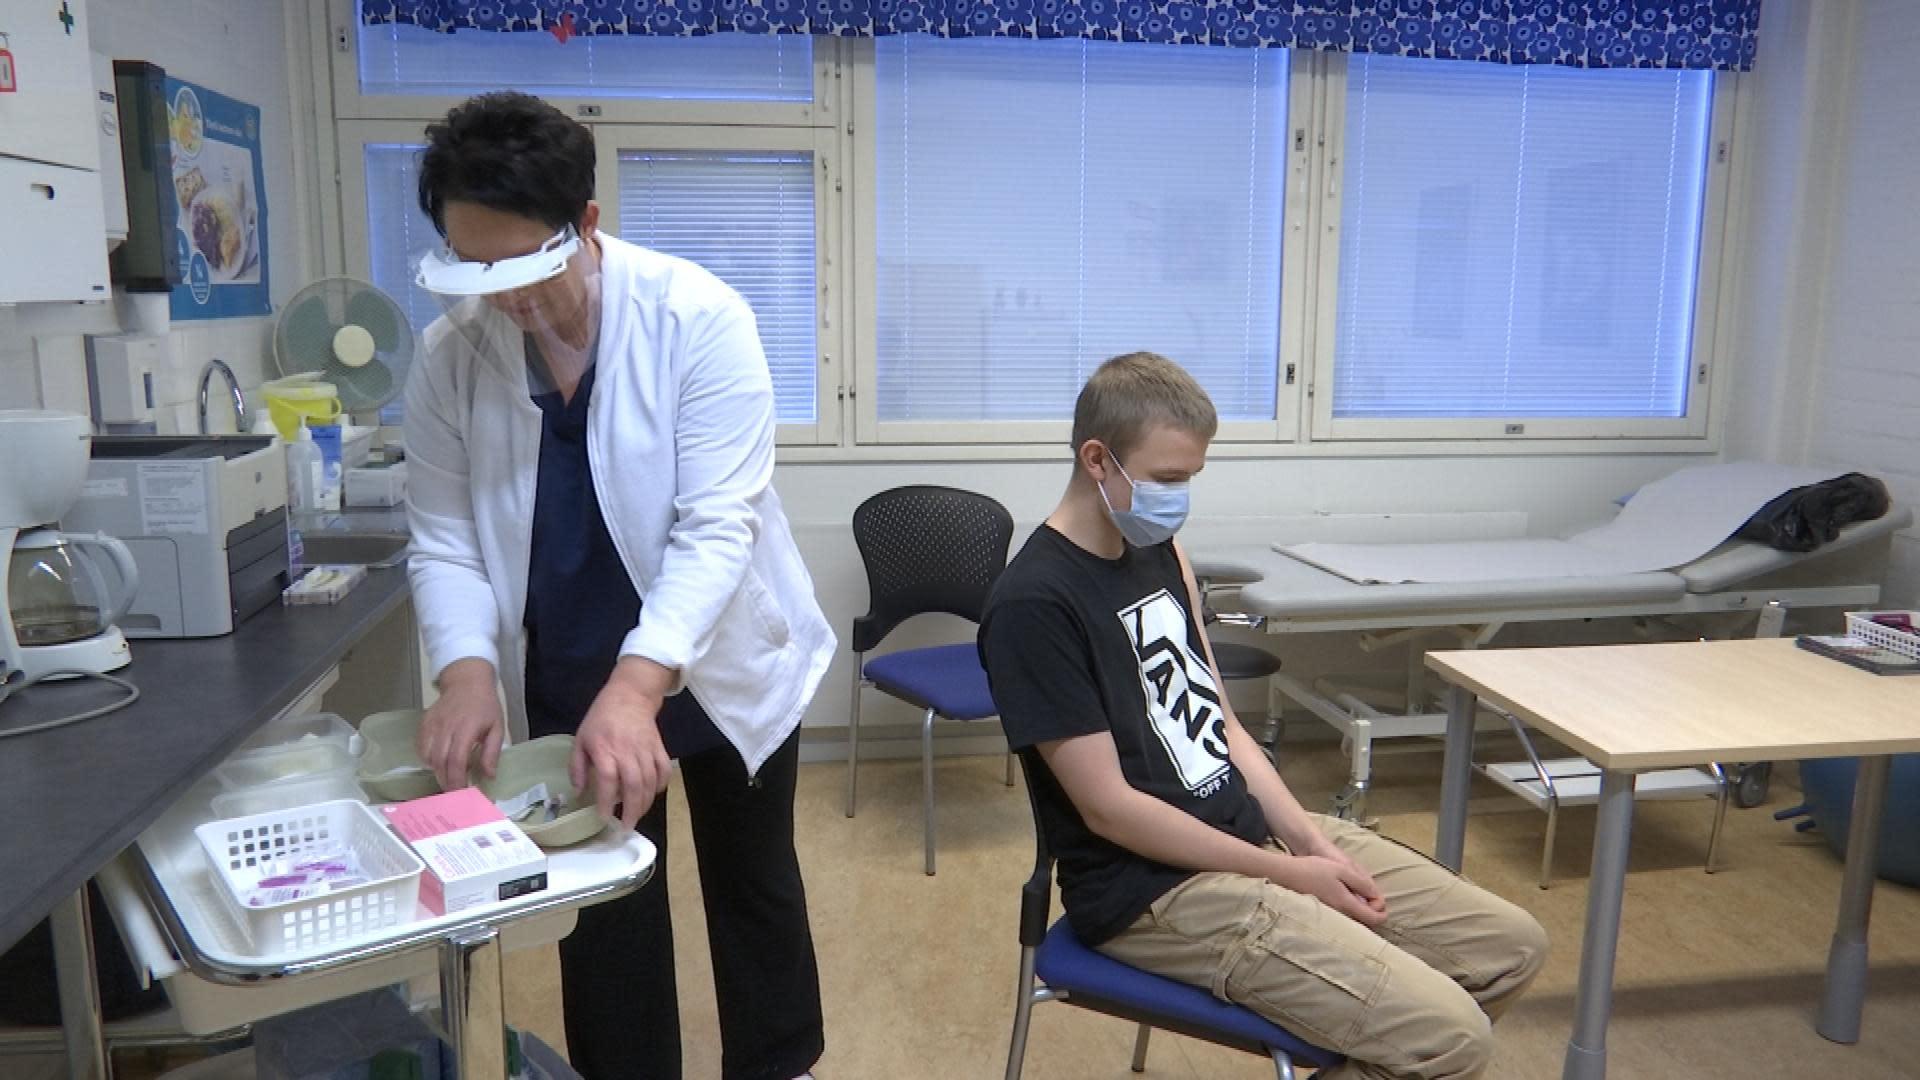 Koululainen Roni Petranen istuu kouluterveydenhoitajan vastaanotolla saamassa HPV-rokotteen